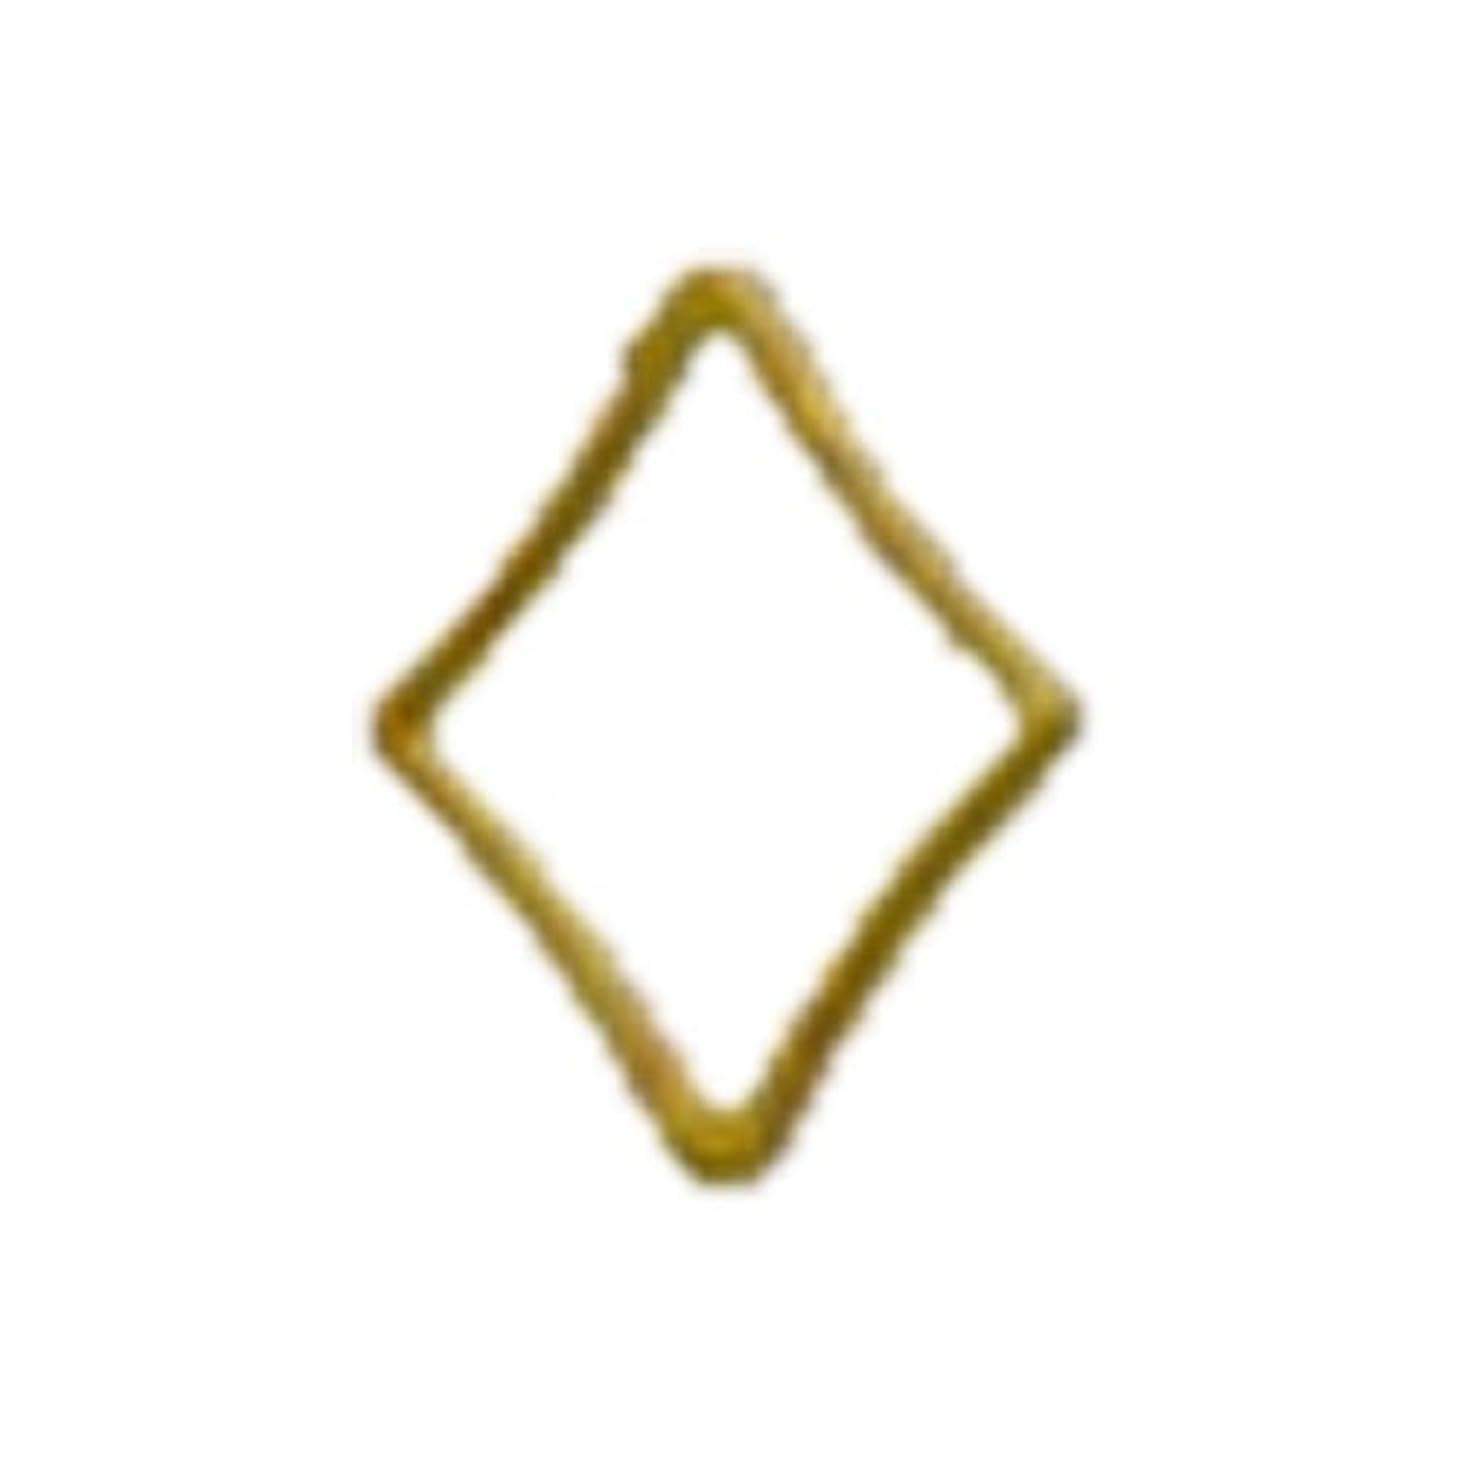 教育者本体枯渇するリトルプリティー ネイルアートパーツ キラキラ 3S ゴールド 20個